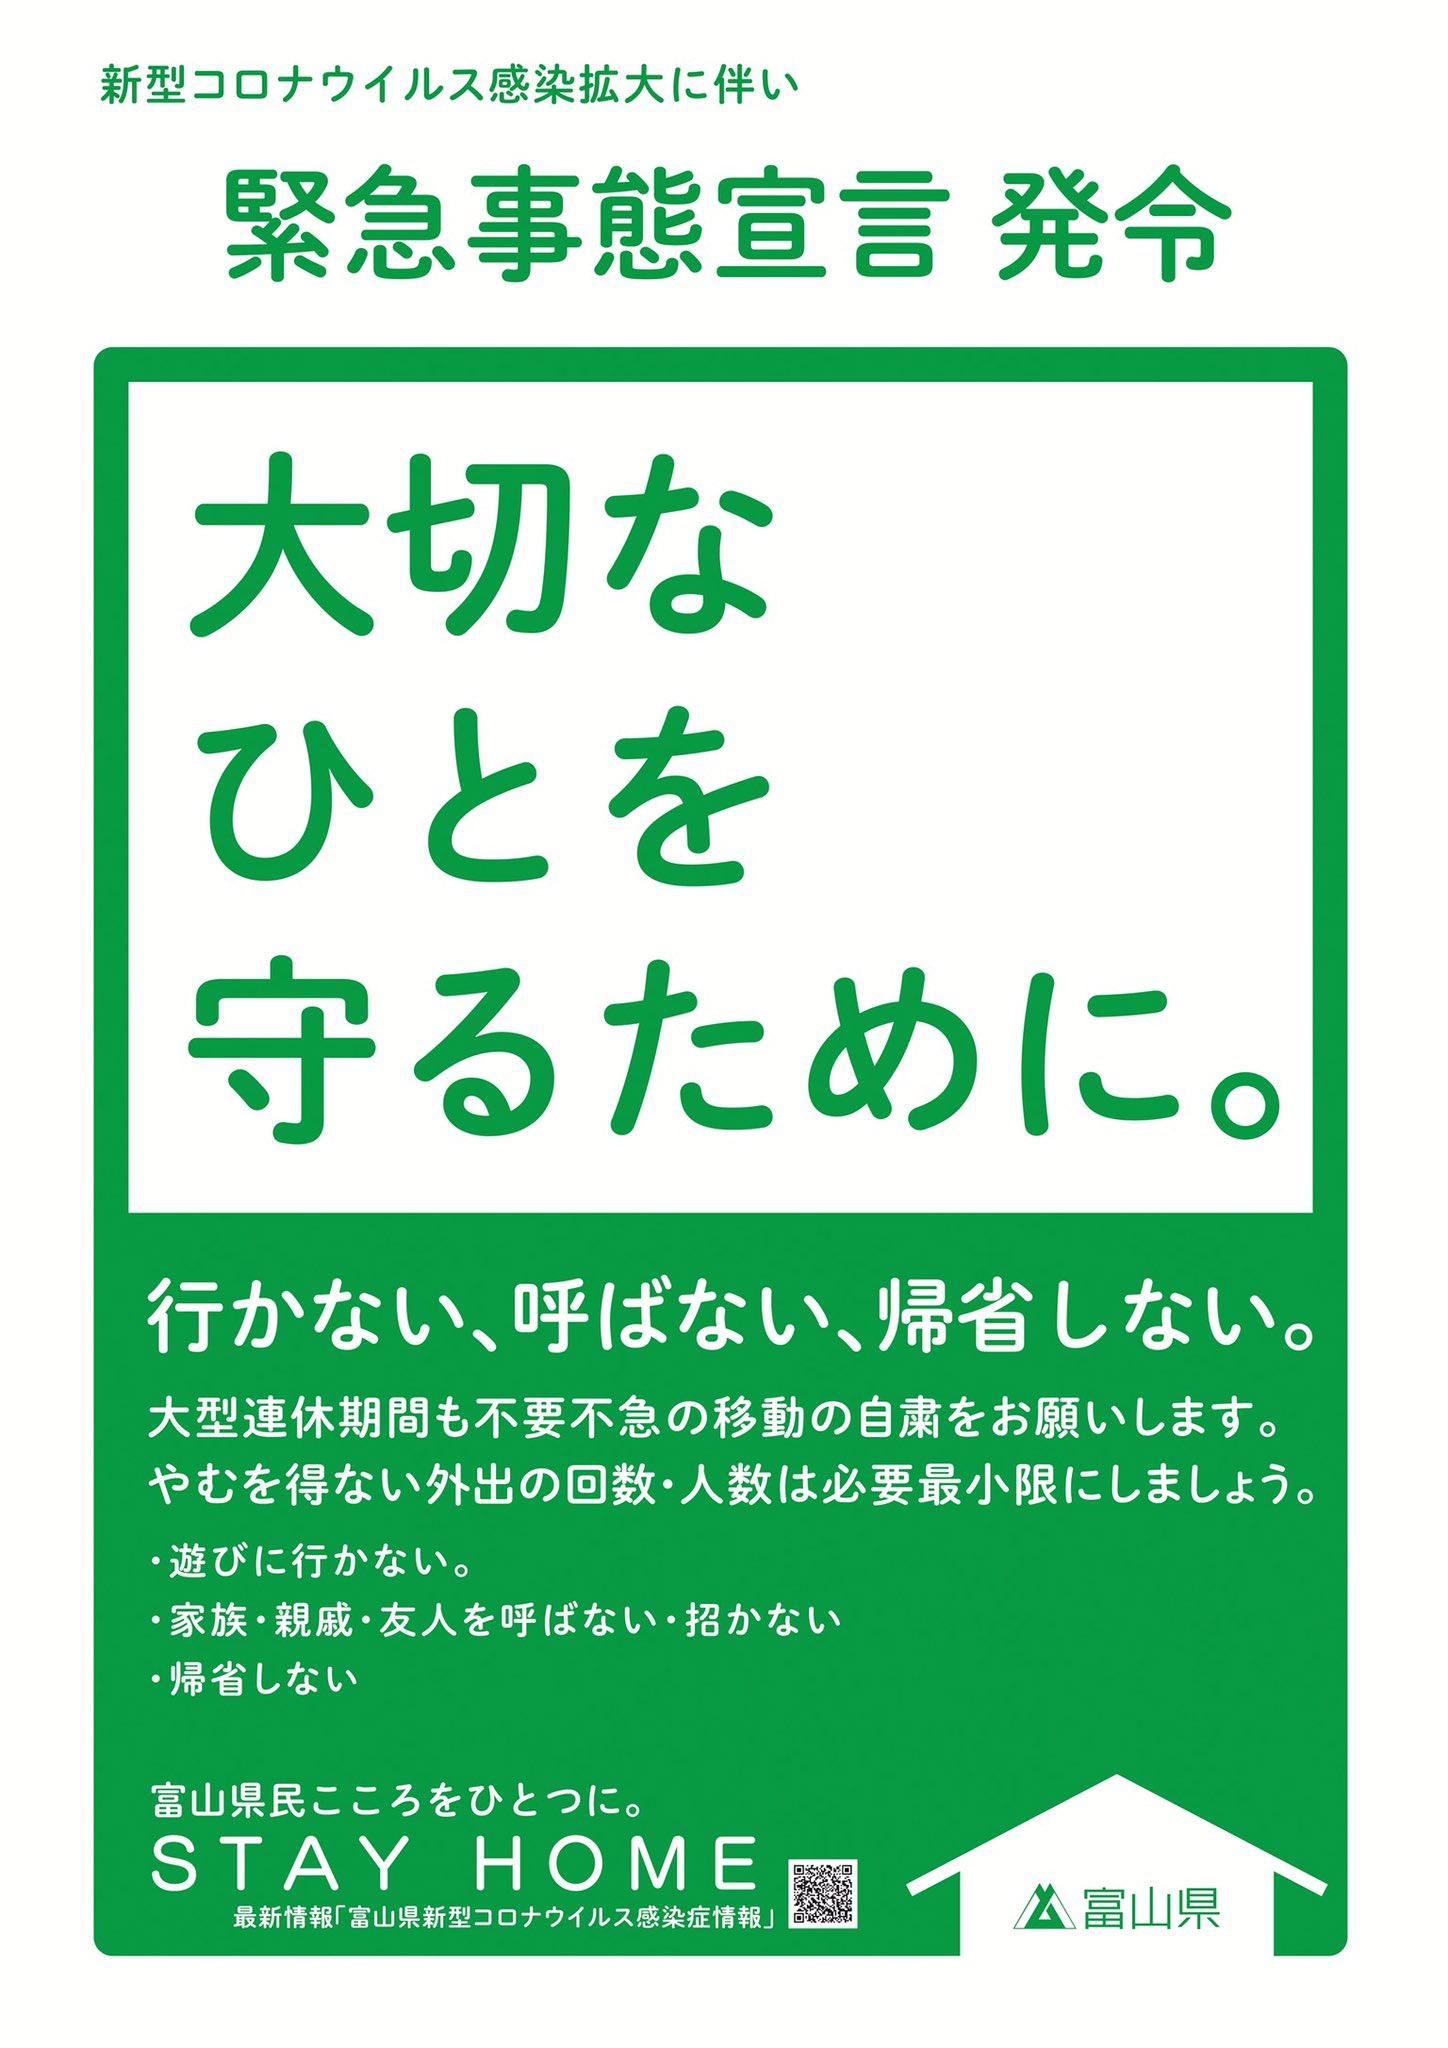 県 コロナ 最新 富山 富山県 新型コロナ関連情報